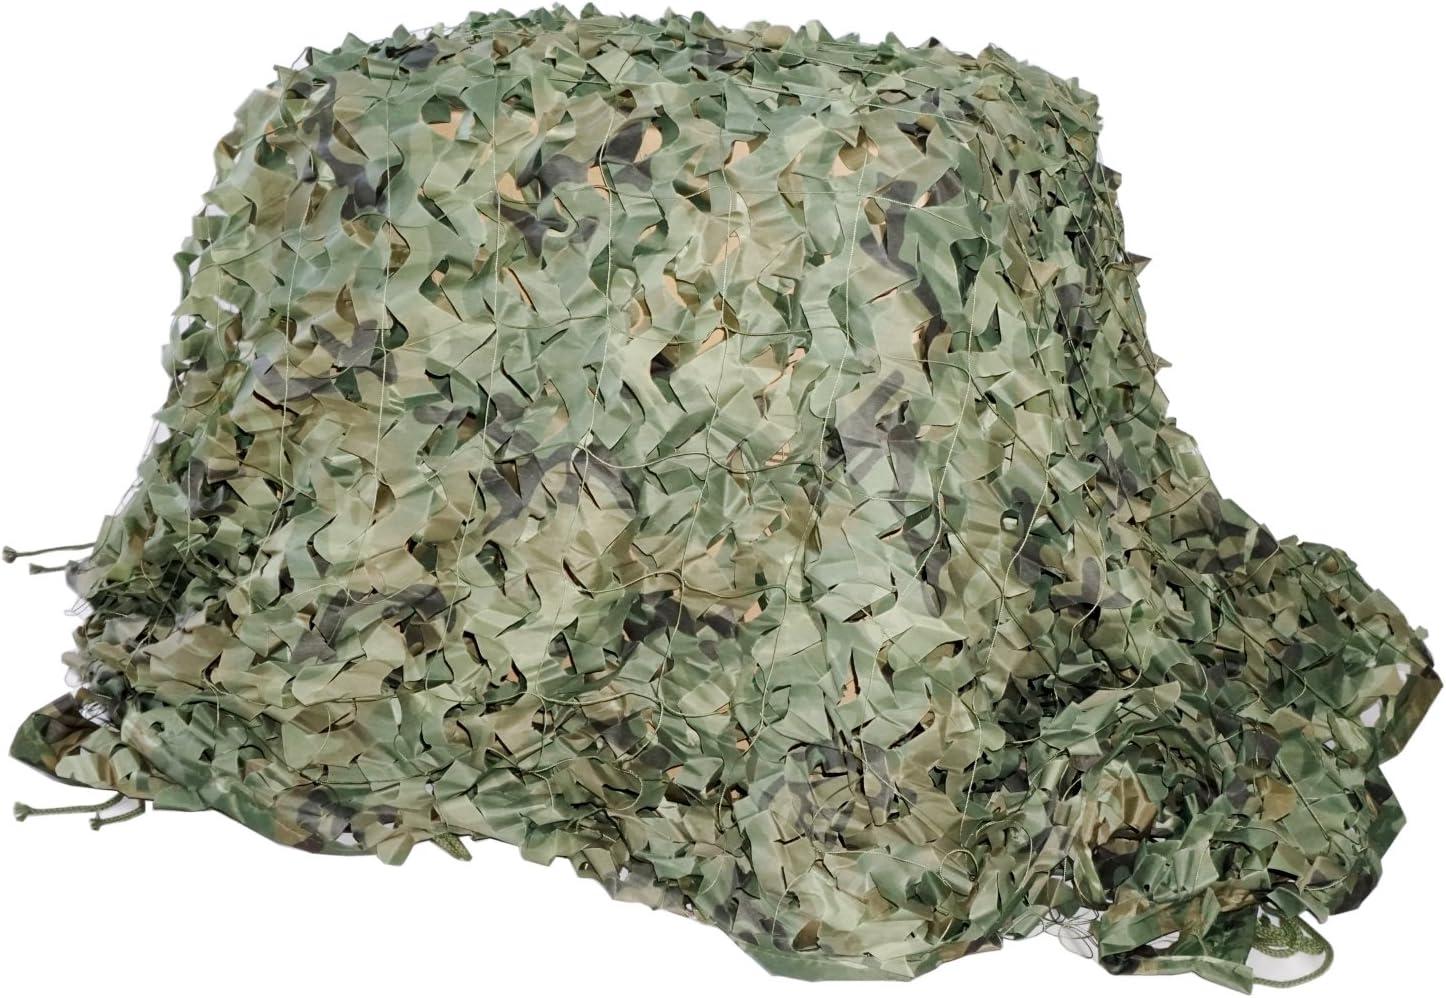 Filet de Camouflage Jungle Camouflage en Maille Filet Stores Pare-Soleil de Prise de Vue pour la Chasse Camping D/écoration de la Maison et Sports de Plein air